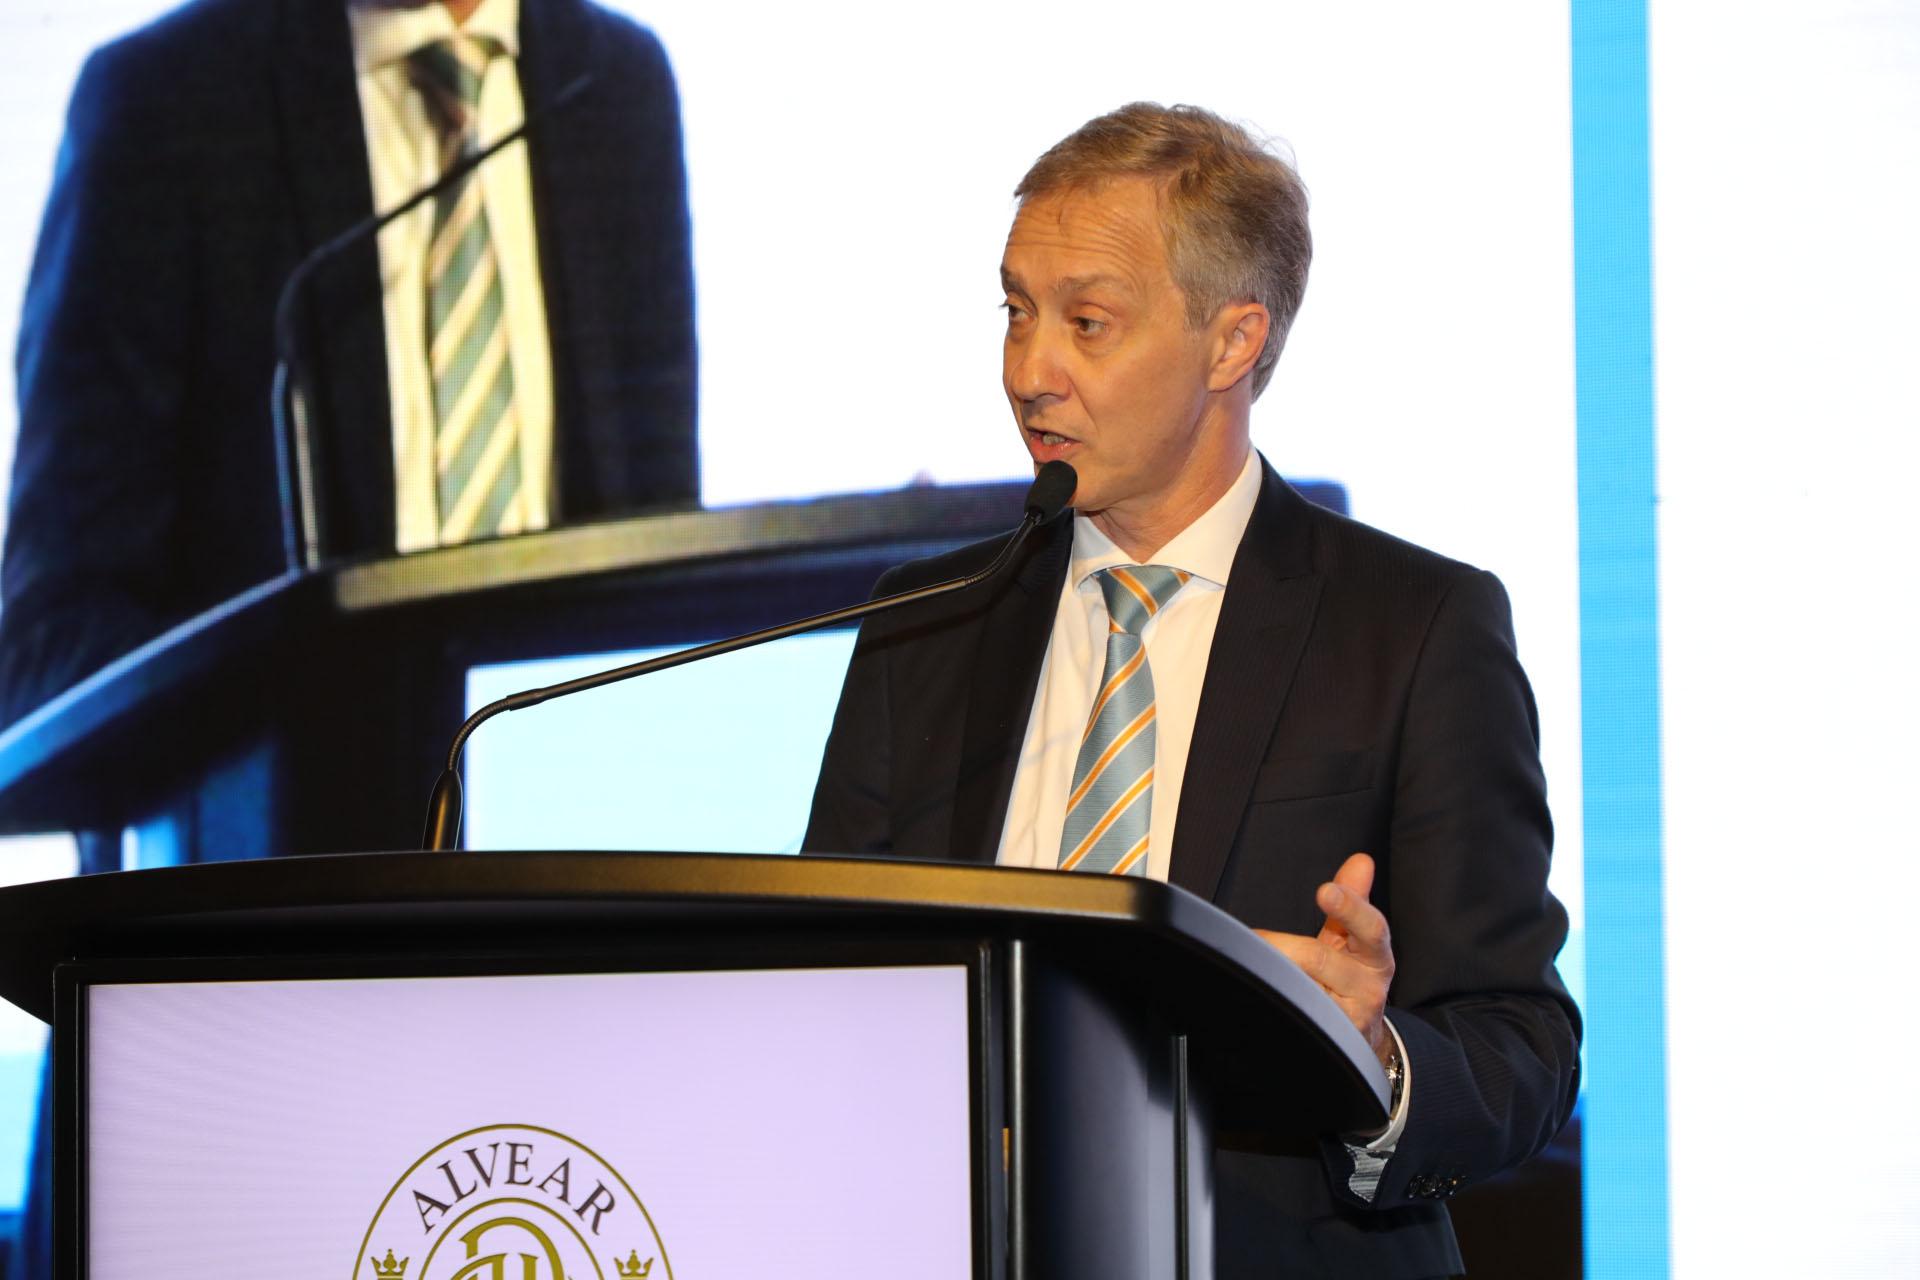 El agregado comercial de la embajada de Suiza, Alejandro Lentz, estuvo a cargo de la conducción de la gala